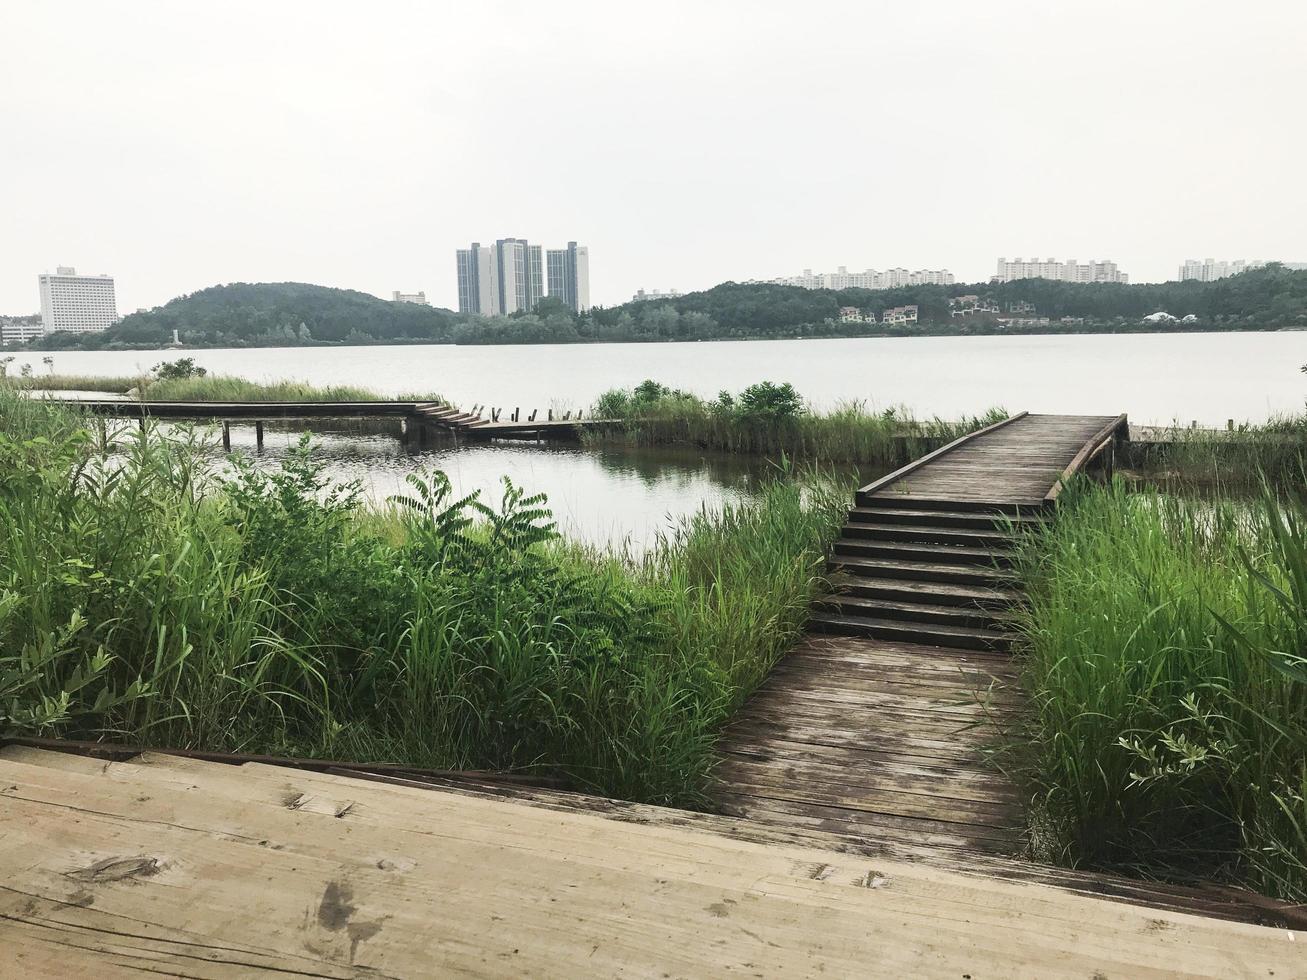 träbryggan bevuxen med vass vid sjön Sokcho City, Sydkorea foto